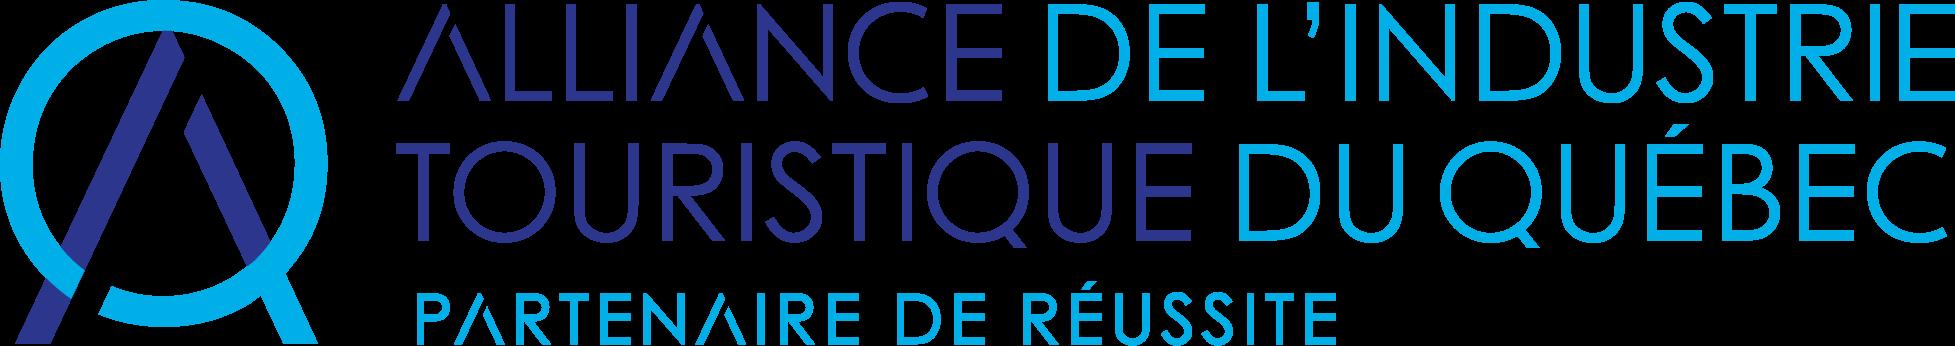 Logo Alliance de l'industrie touristique du Québec